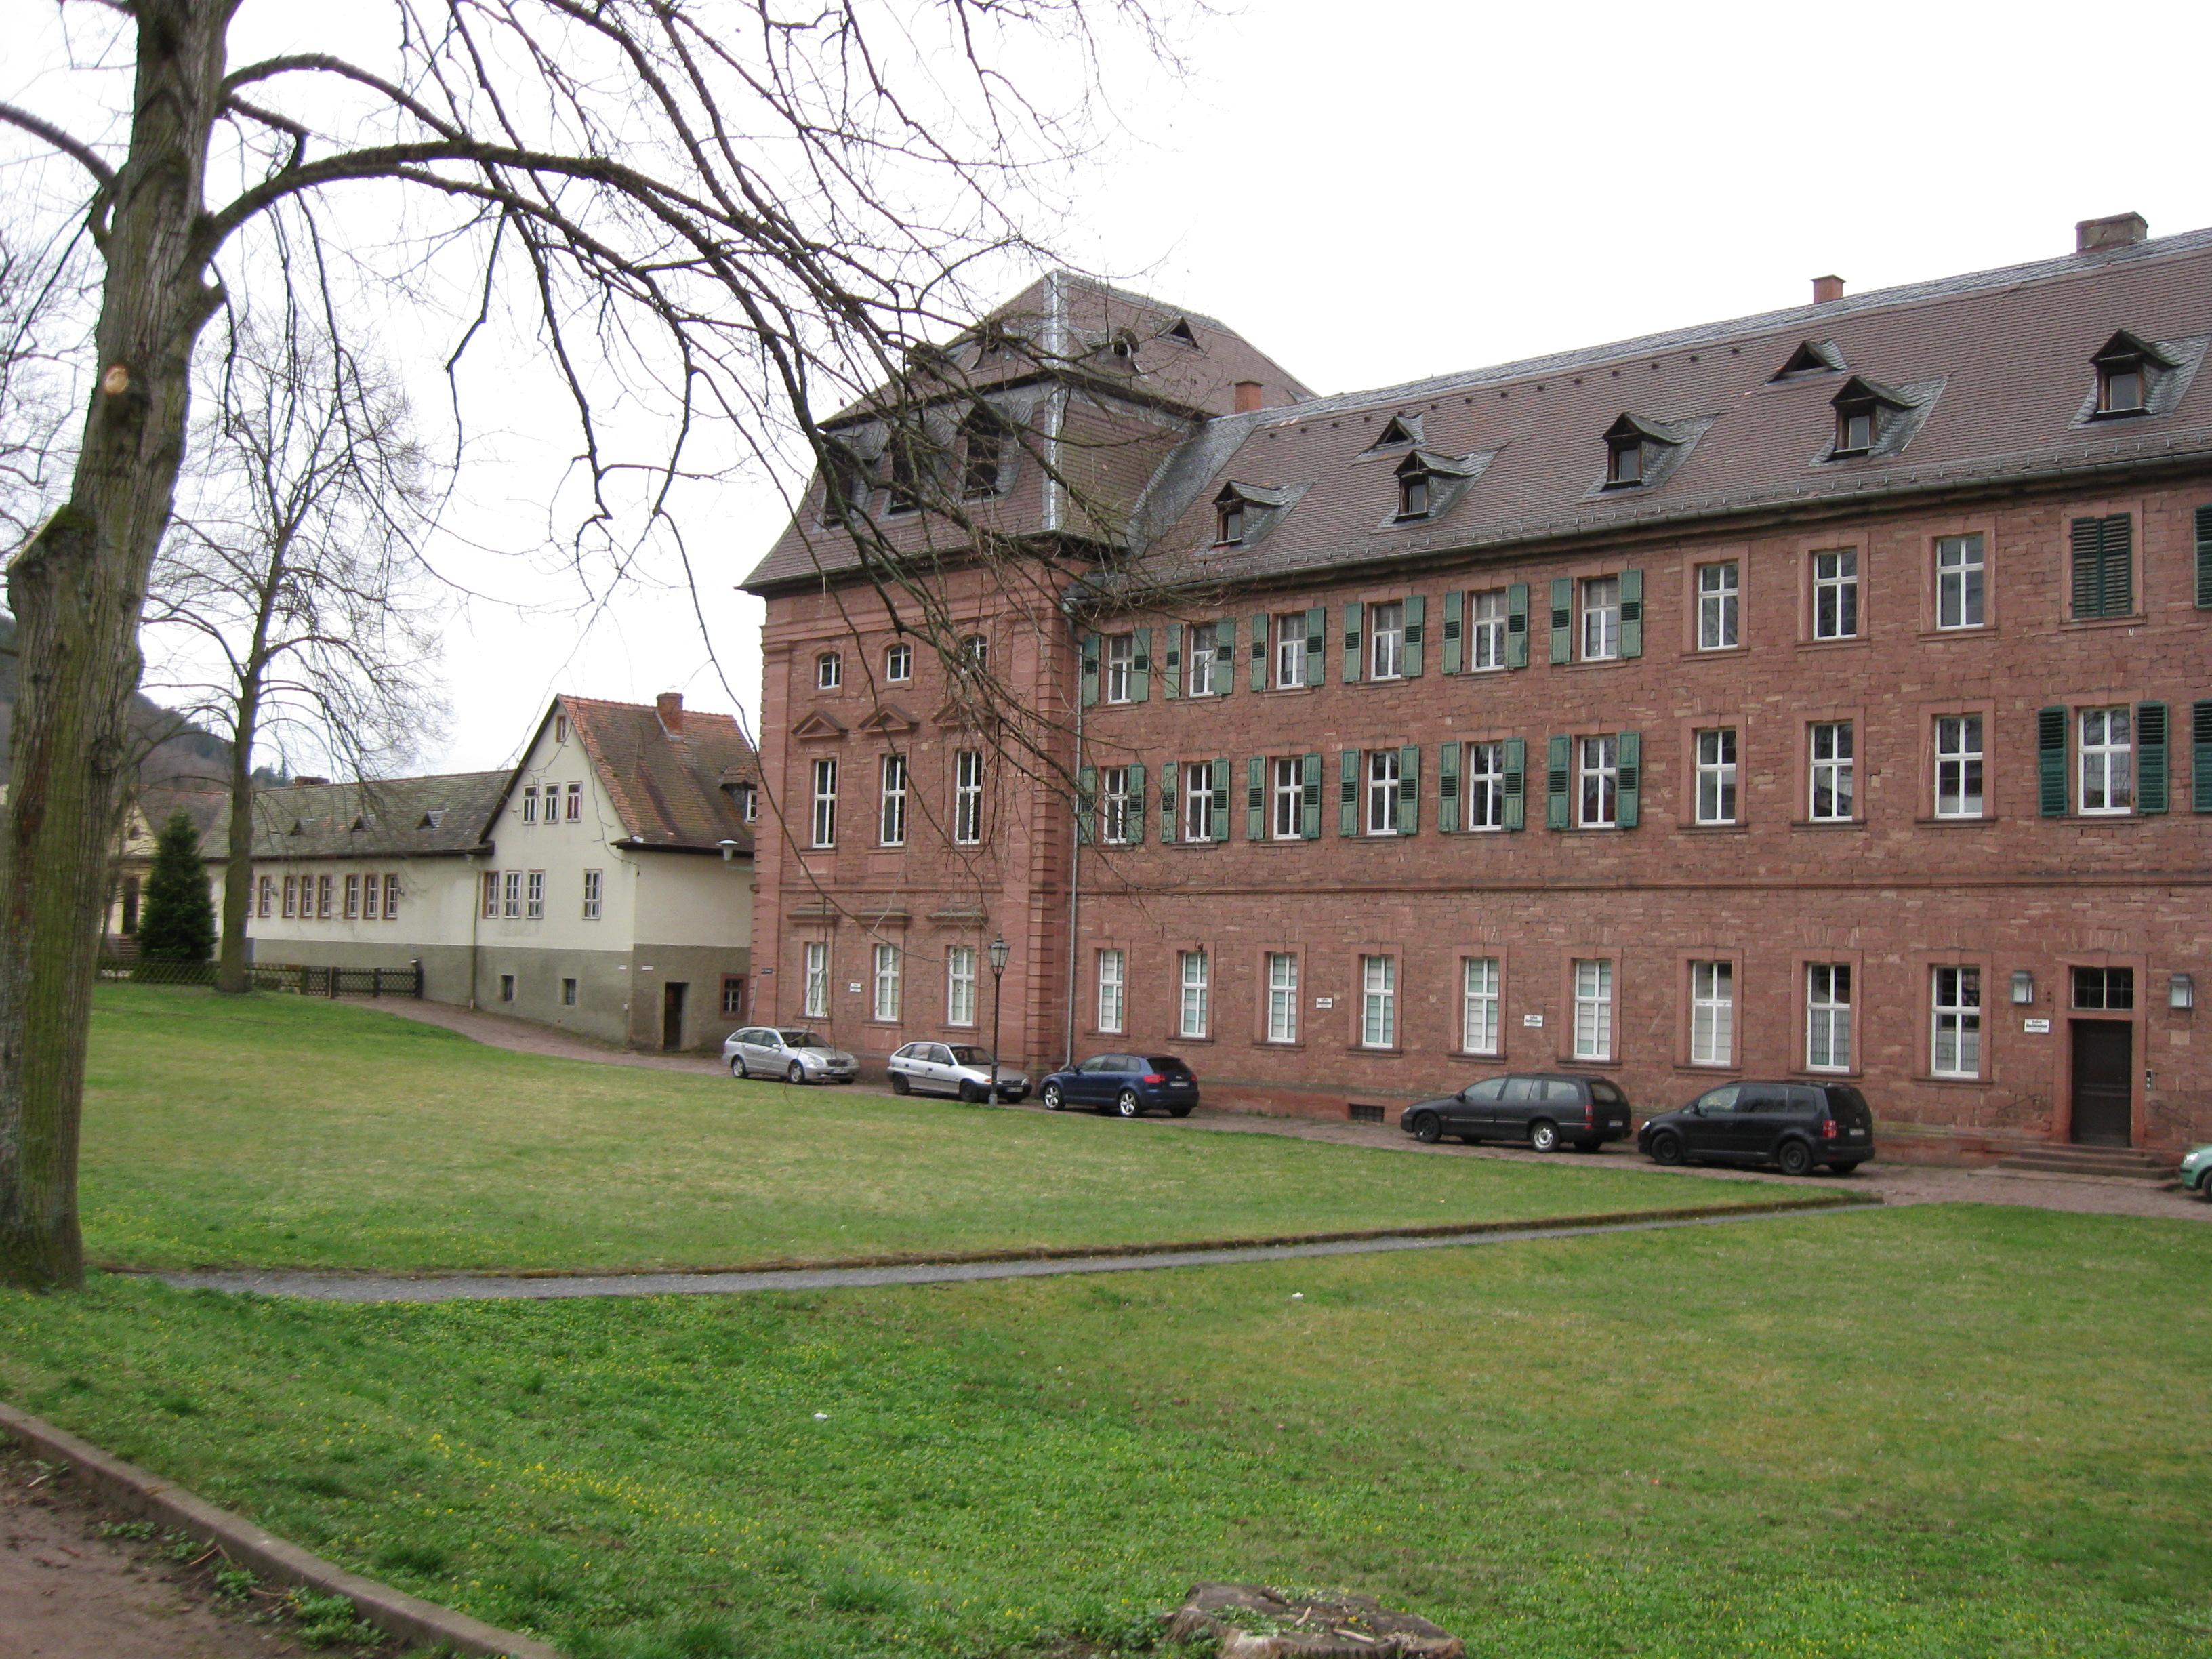 Leiningen'sches Archiv Amorbach